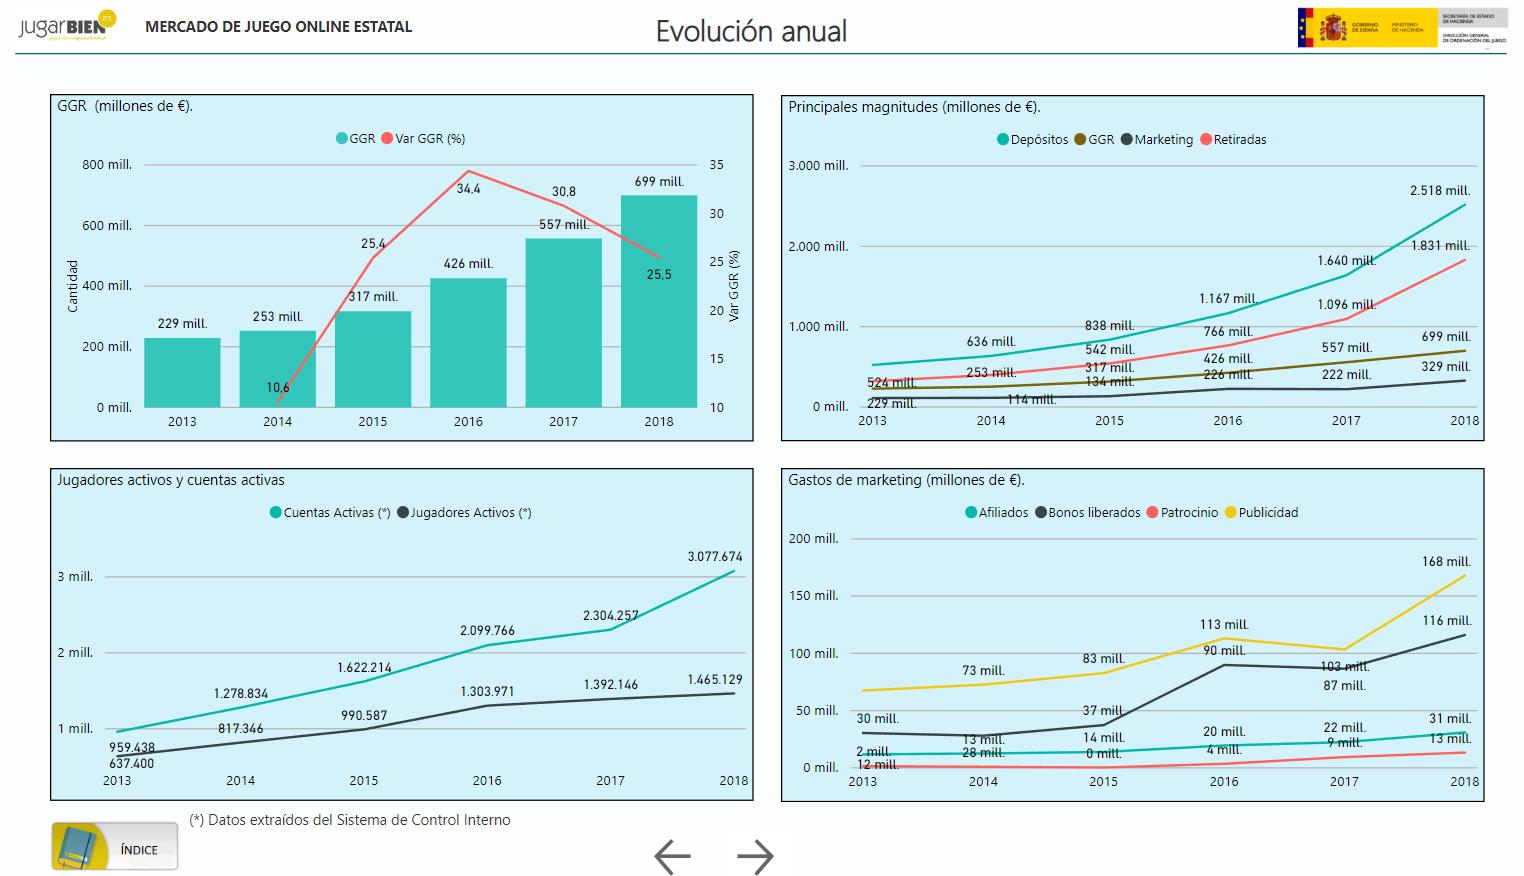 gráficos evolución anual del mercado de juego online estatal